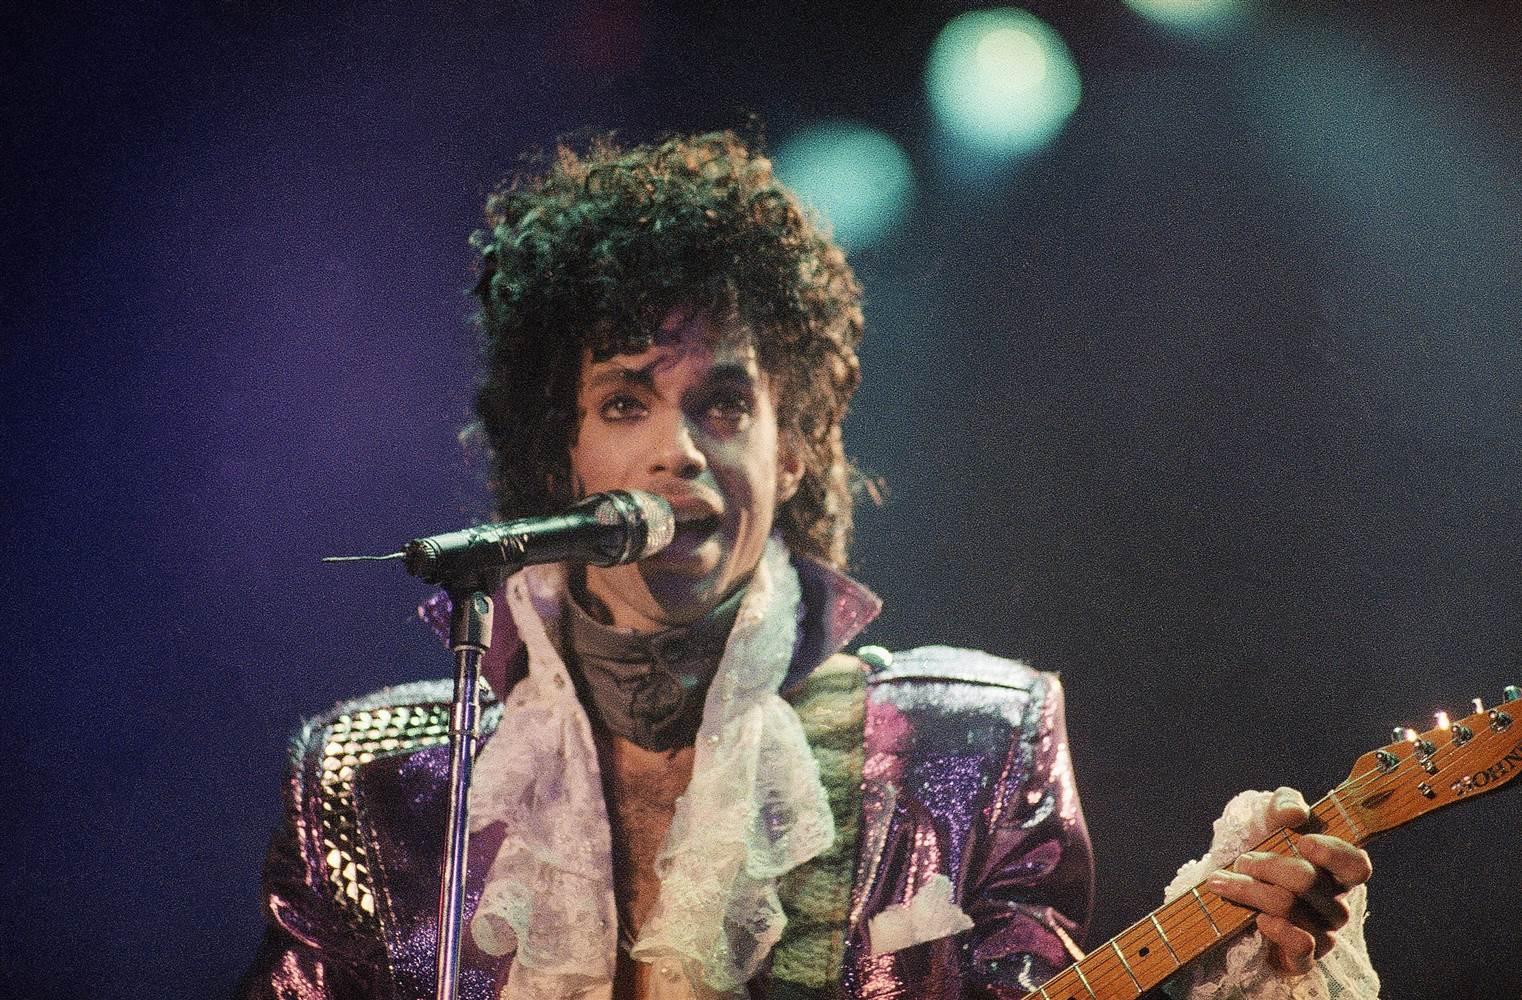 Prince, LA Forum, 18 February 1985, Liu Heung Shing/AP